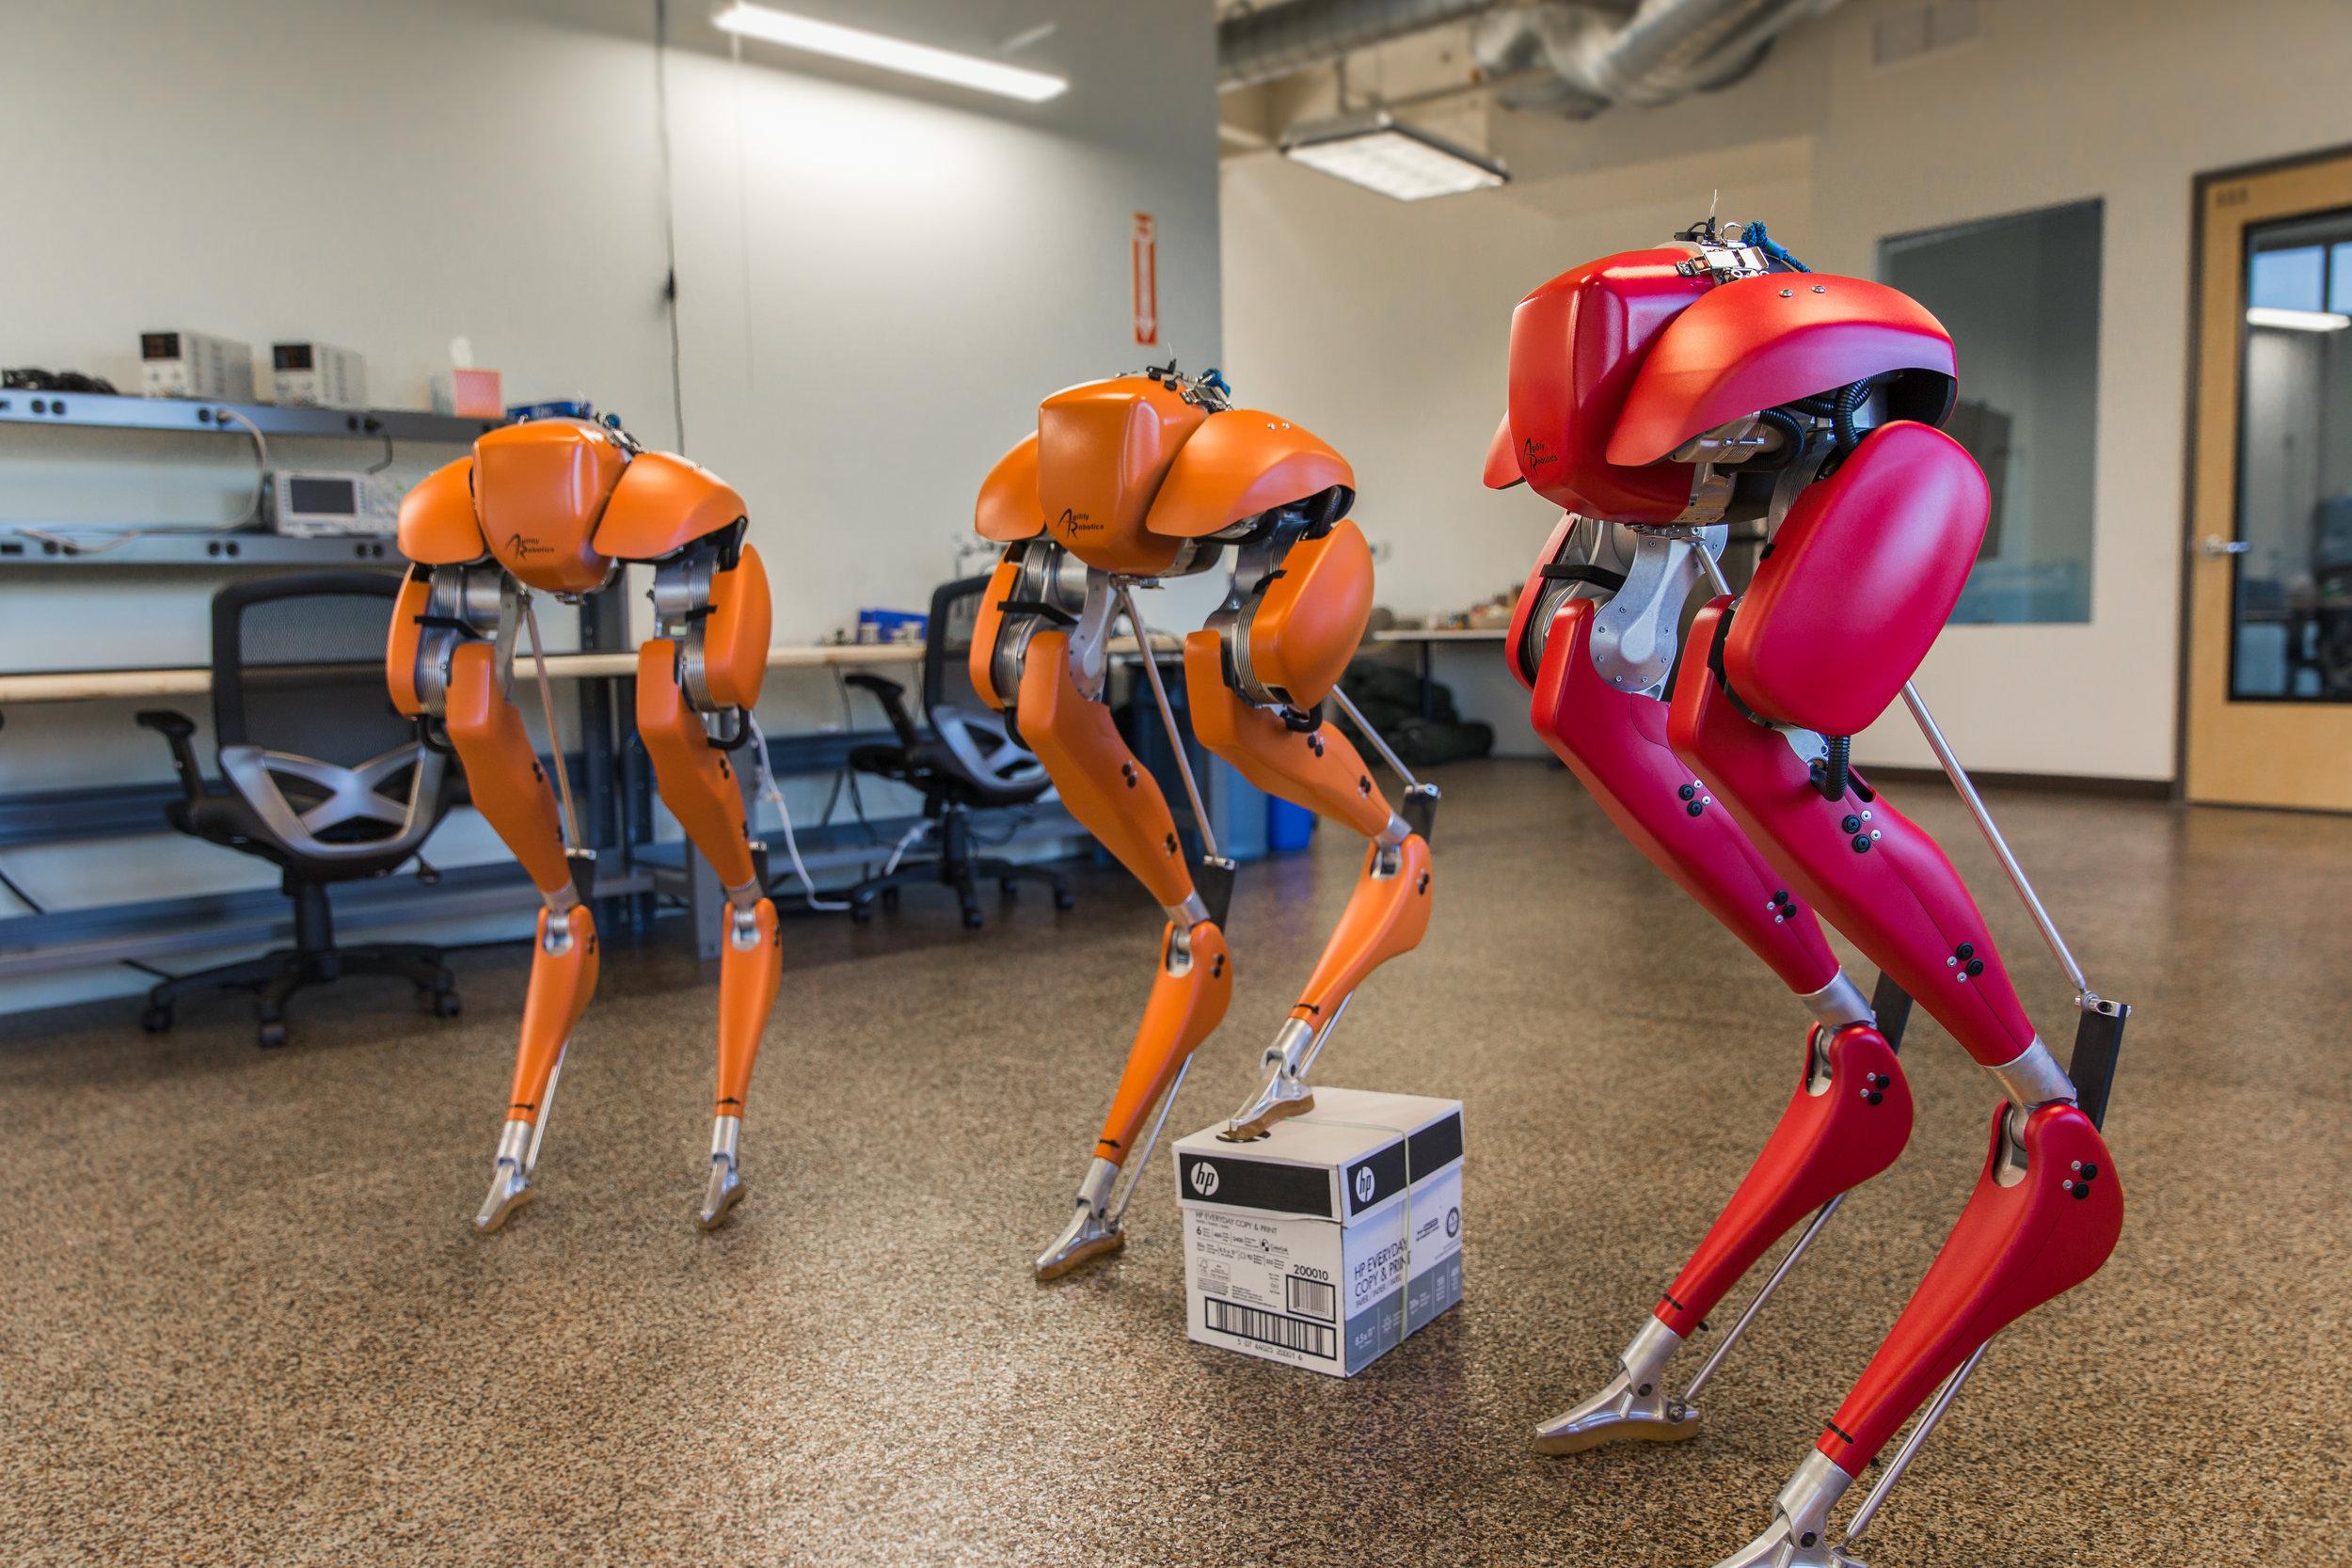 Obrazek przedstawia trzy sztuki robota Cassie autorstwa firmy Agility Robotics.